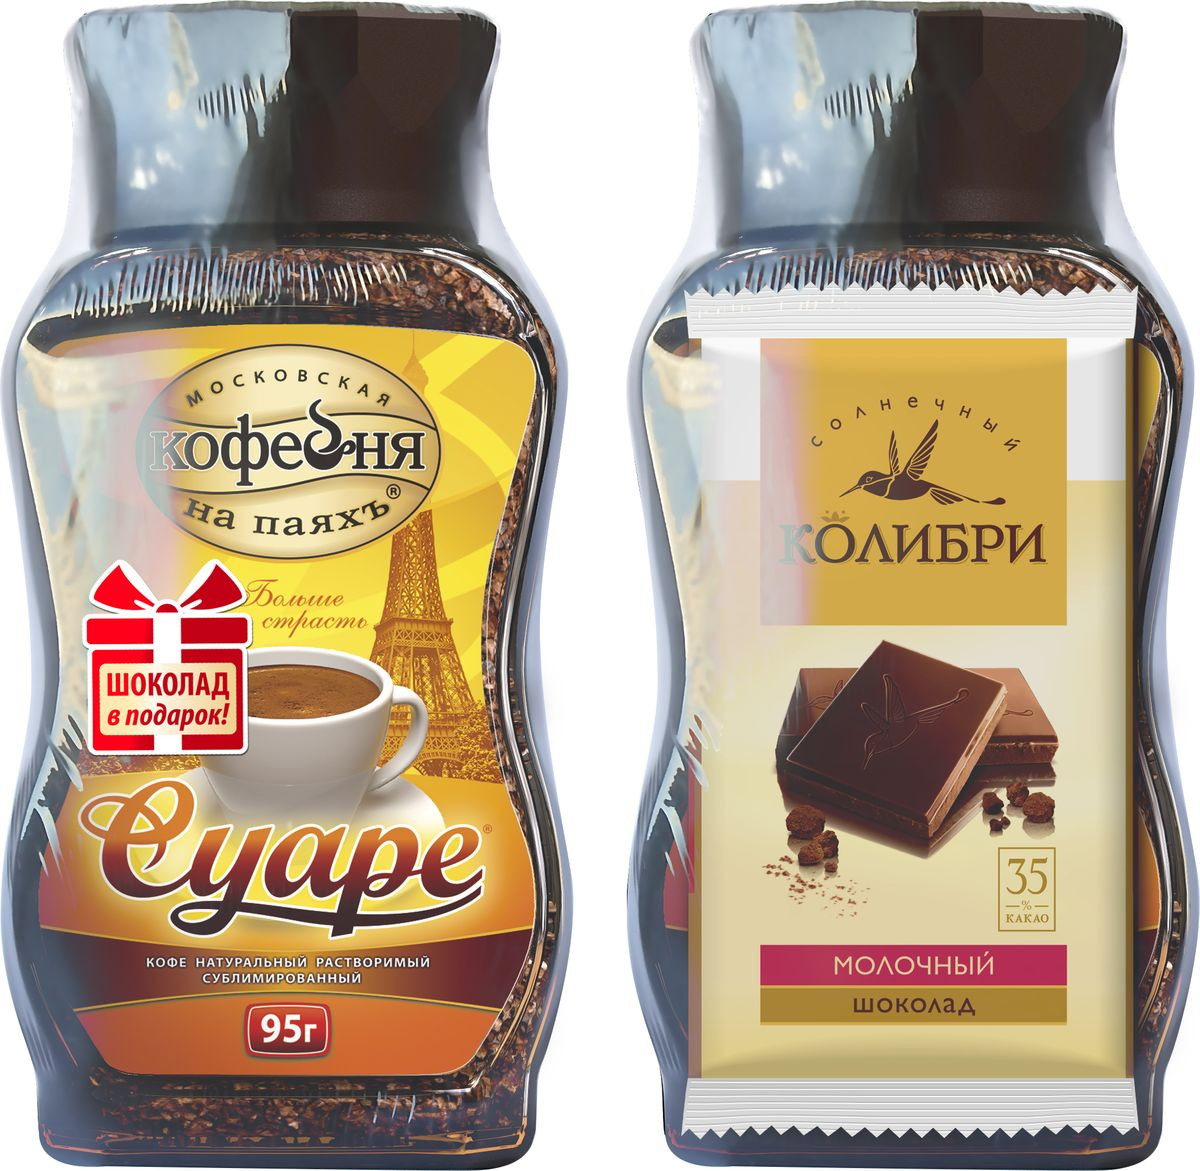 Московская кофейня на паяхъ Кофе сублимированный Суаре банка, 95 г + Солнечный колибри шоколад молочный, 35 г кофе черный парус сублимированный 85г